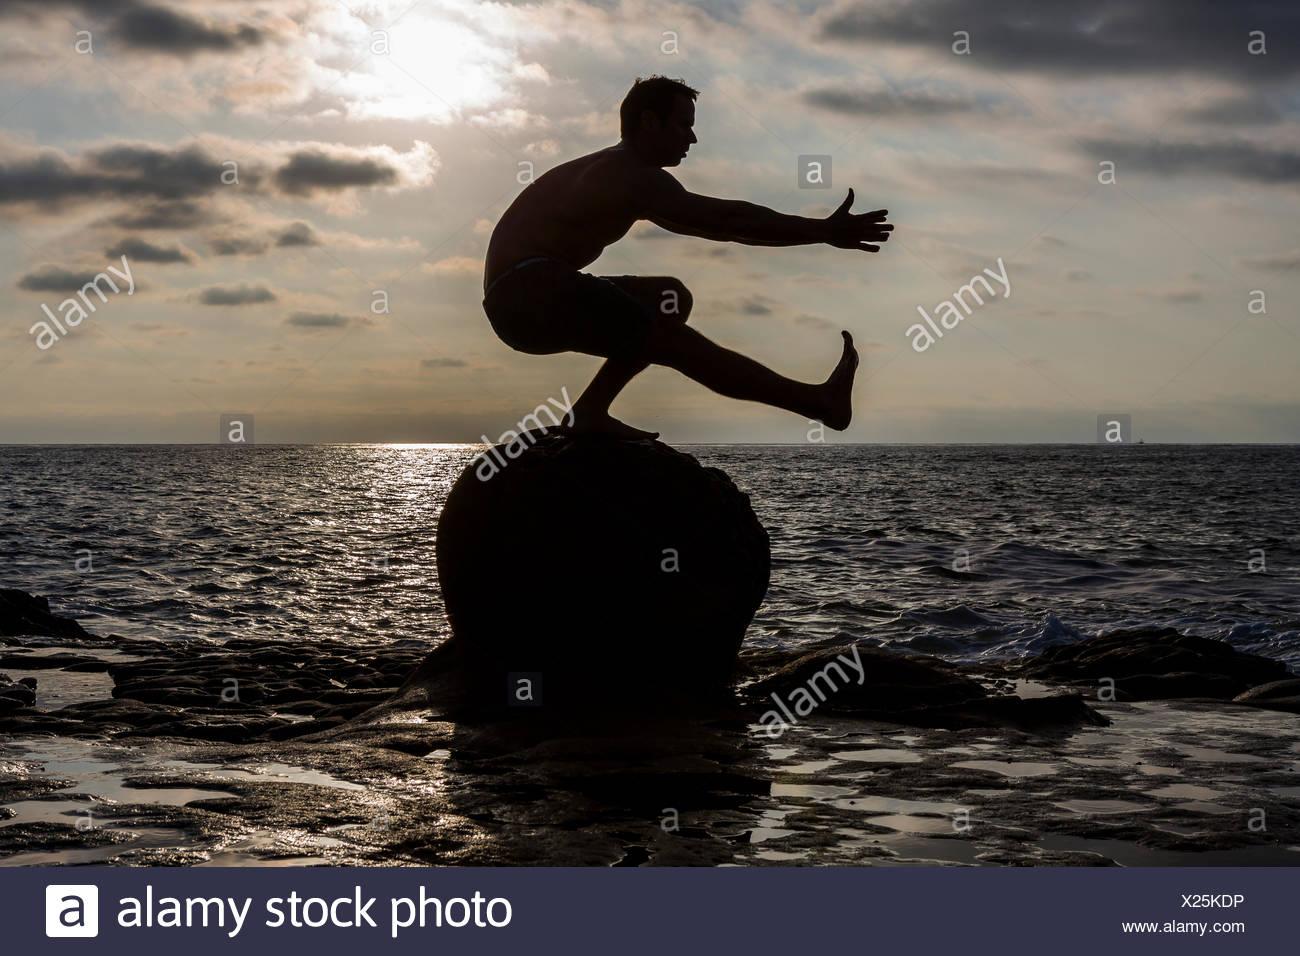 La silueta de un atleta CrossFit descamisado macho como él realiza una pistola o con una sola pierna en cuclillas sobre una roca en el Océano Pacífico en San Diego, California en el atardecer. Imagen De Stock